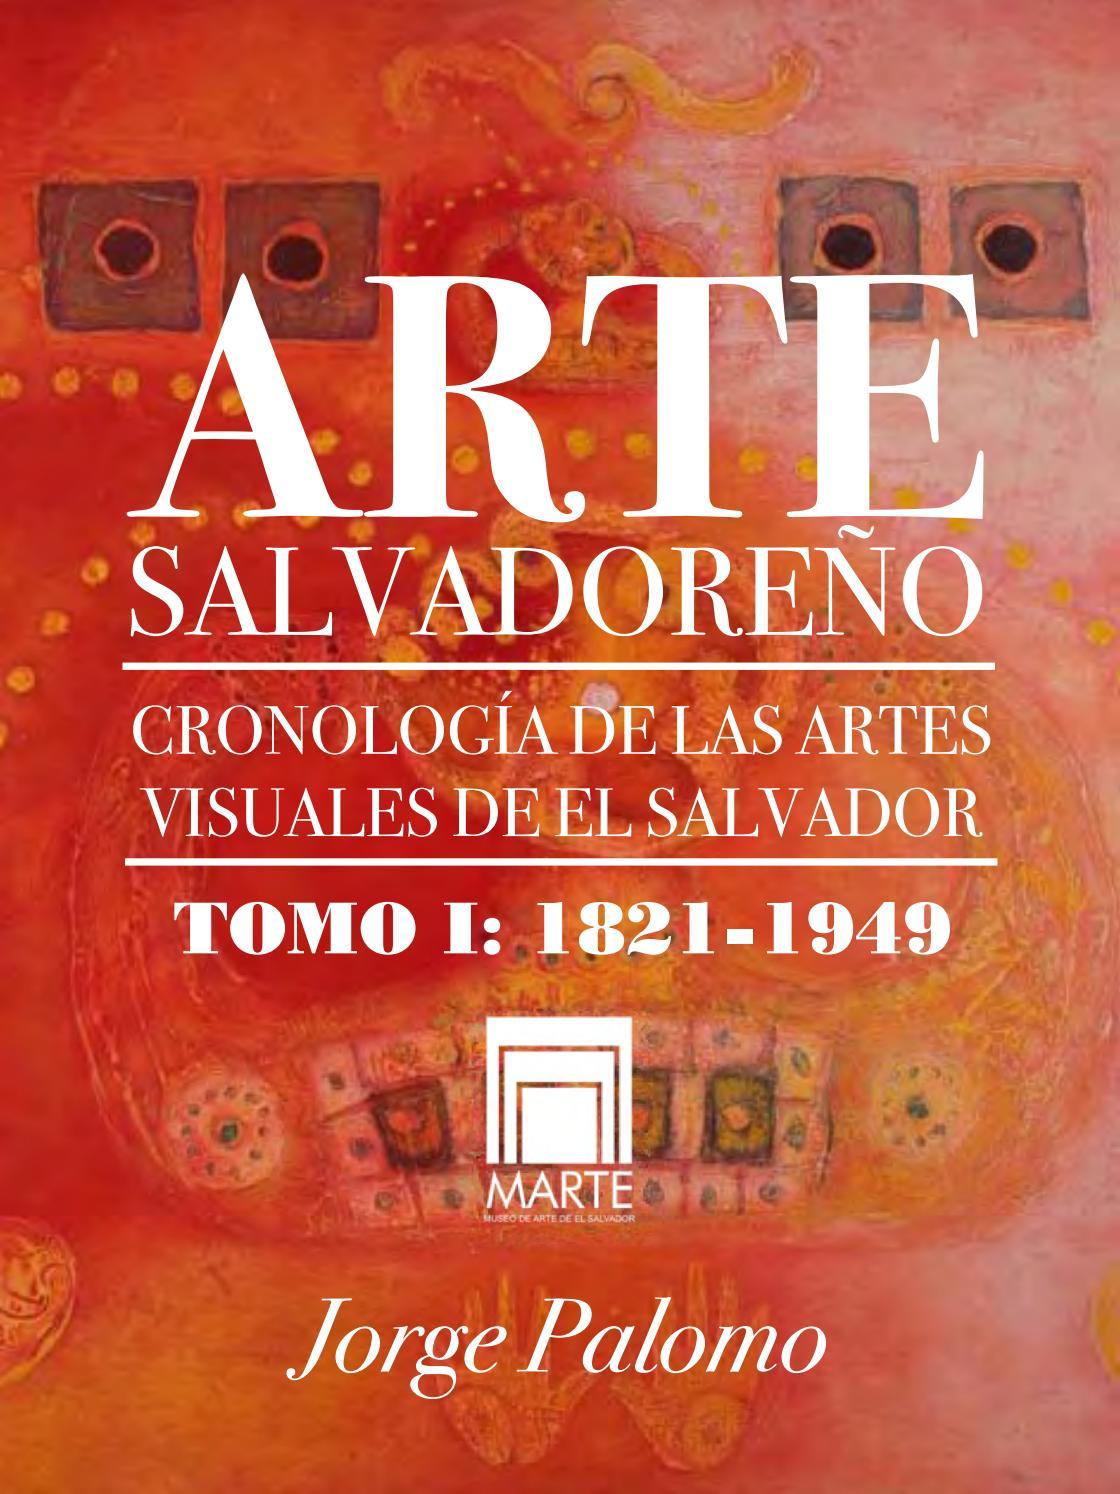 Jorge palomo artes visuales tomo 1 by MARTE Museo de Arte de El ...